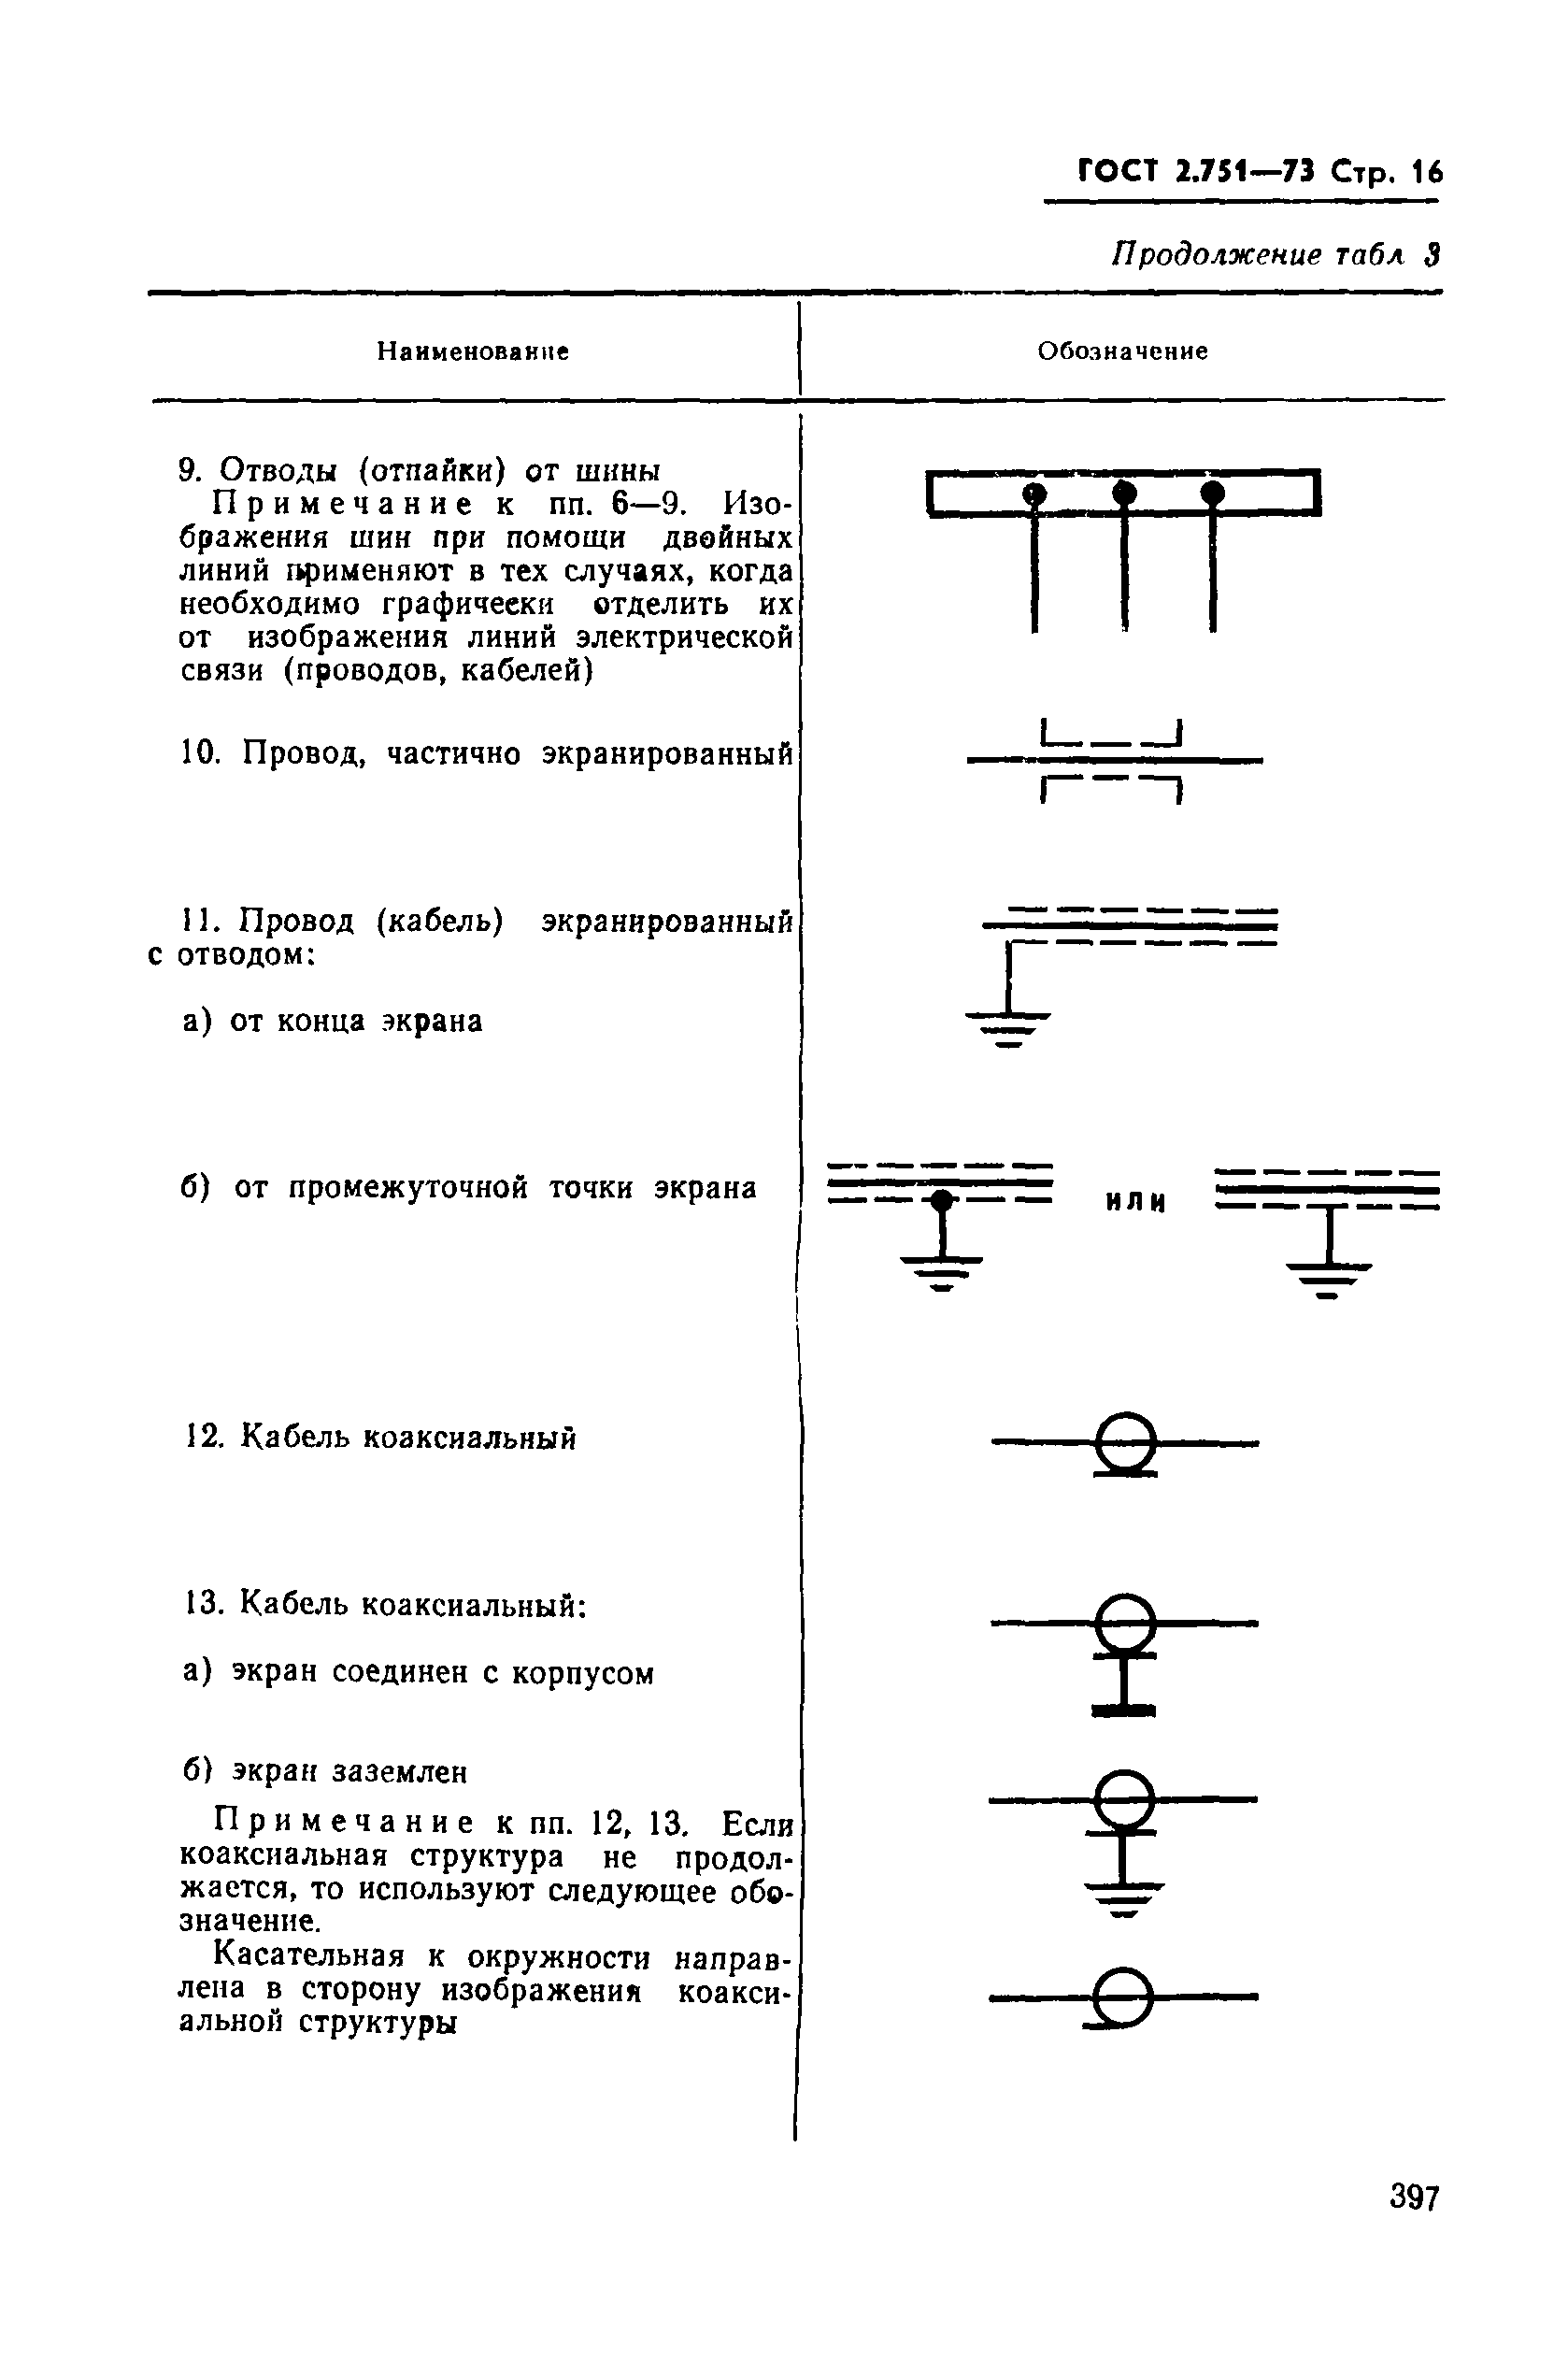 Обозначение коаксиальных кабелей на схеме